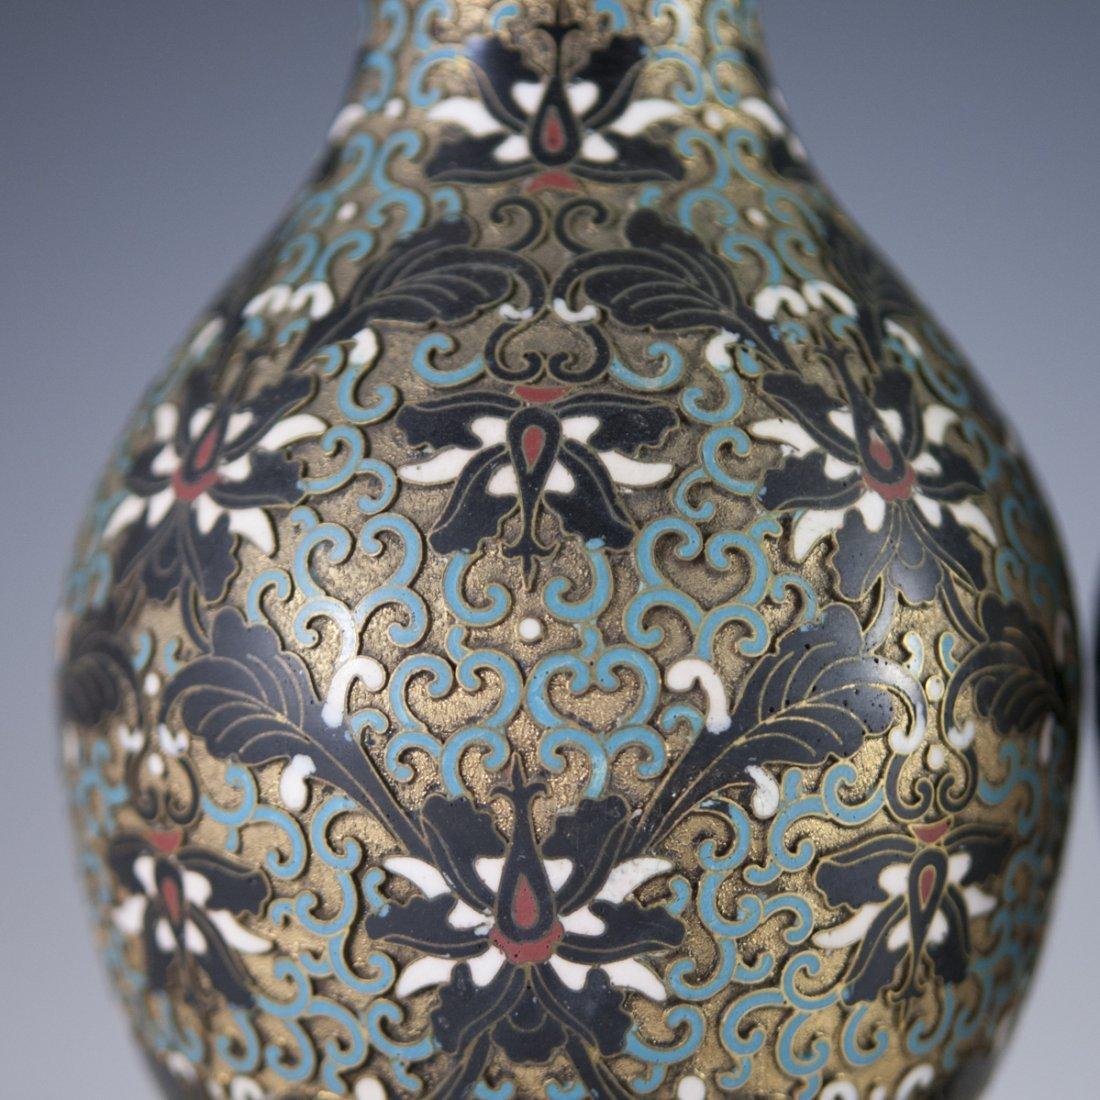 Vintage Cloisonne Enameled Vases - 2